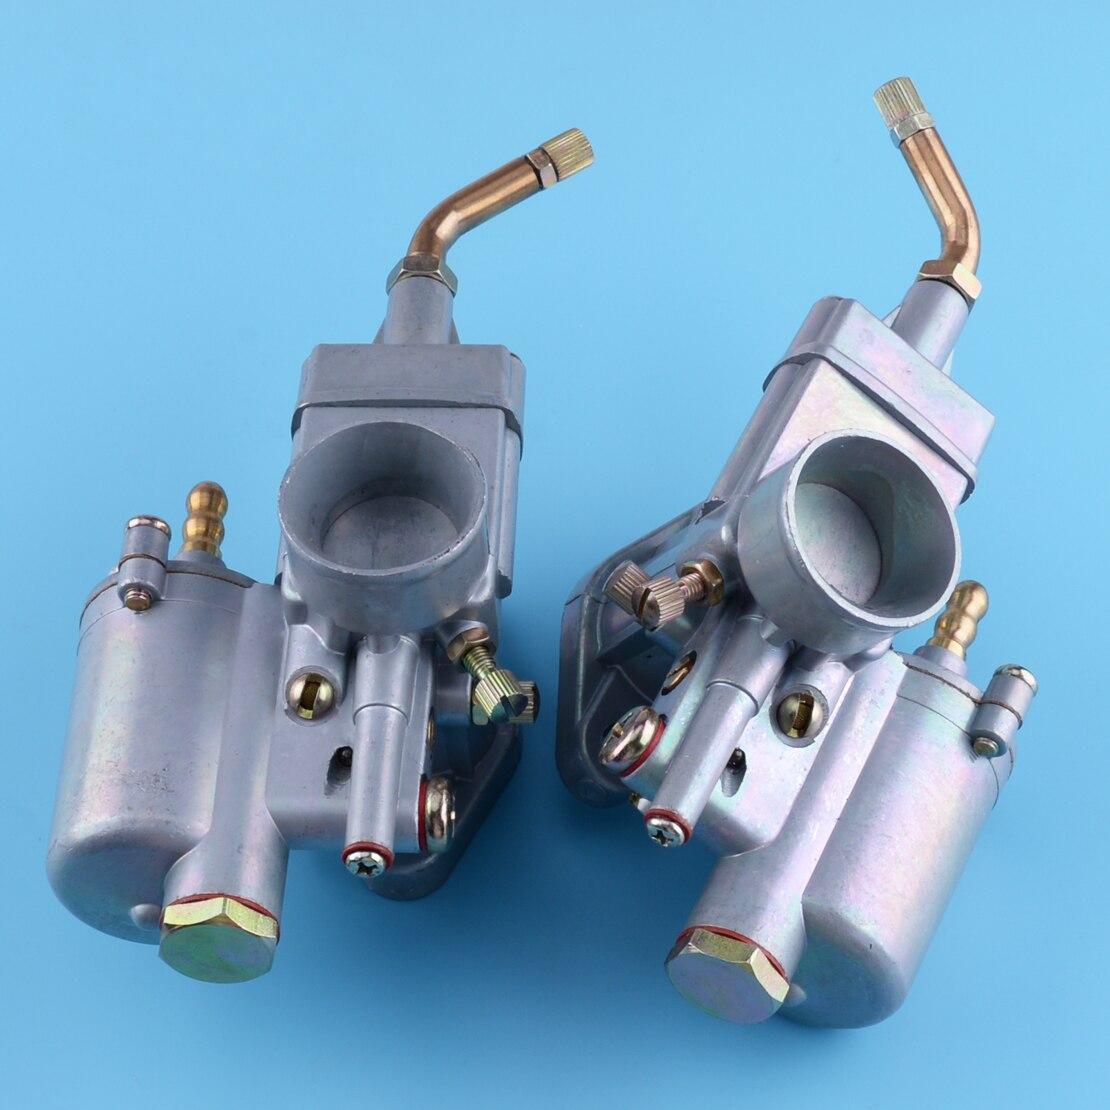 Beler 1 paire 28mm paire de carburateur carburateur Carby adapté pour K302 BMW M72 MT URAL K750 MW Dnepr